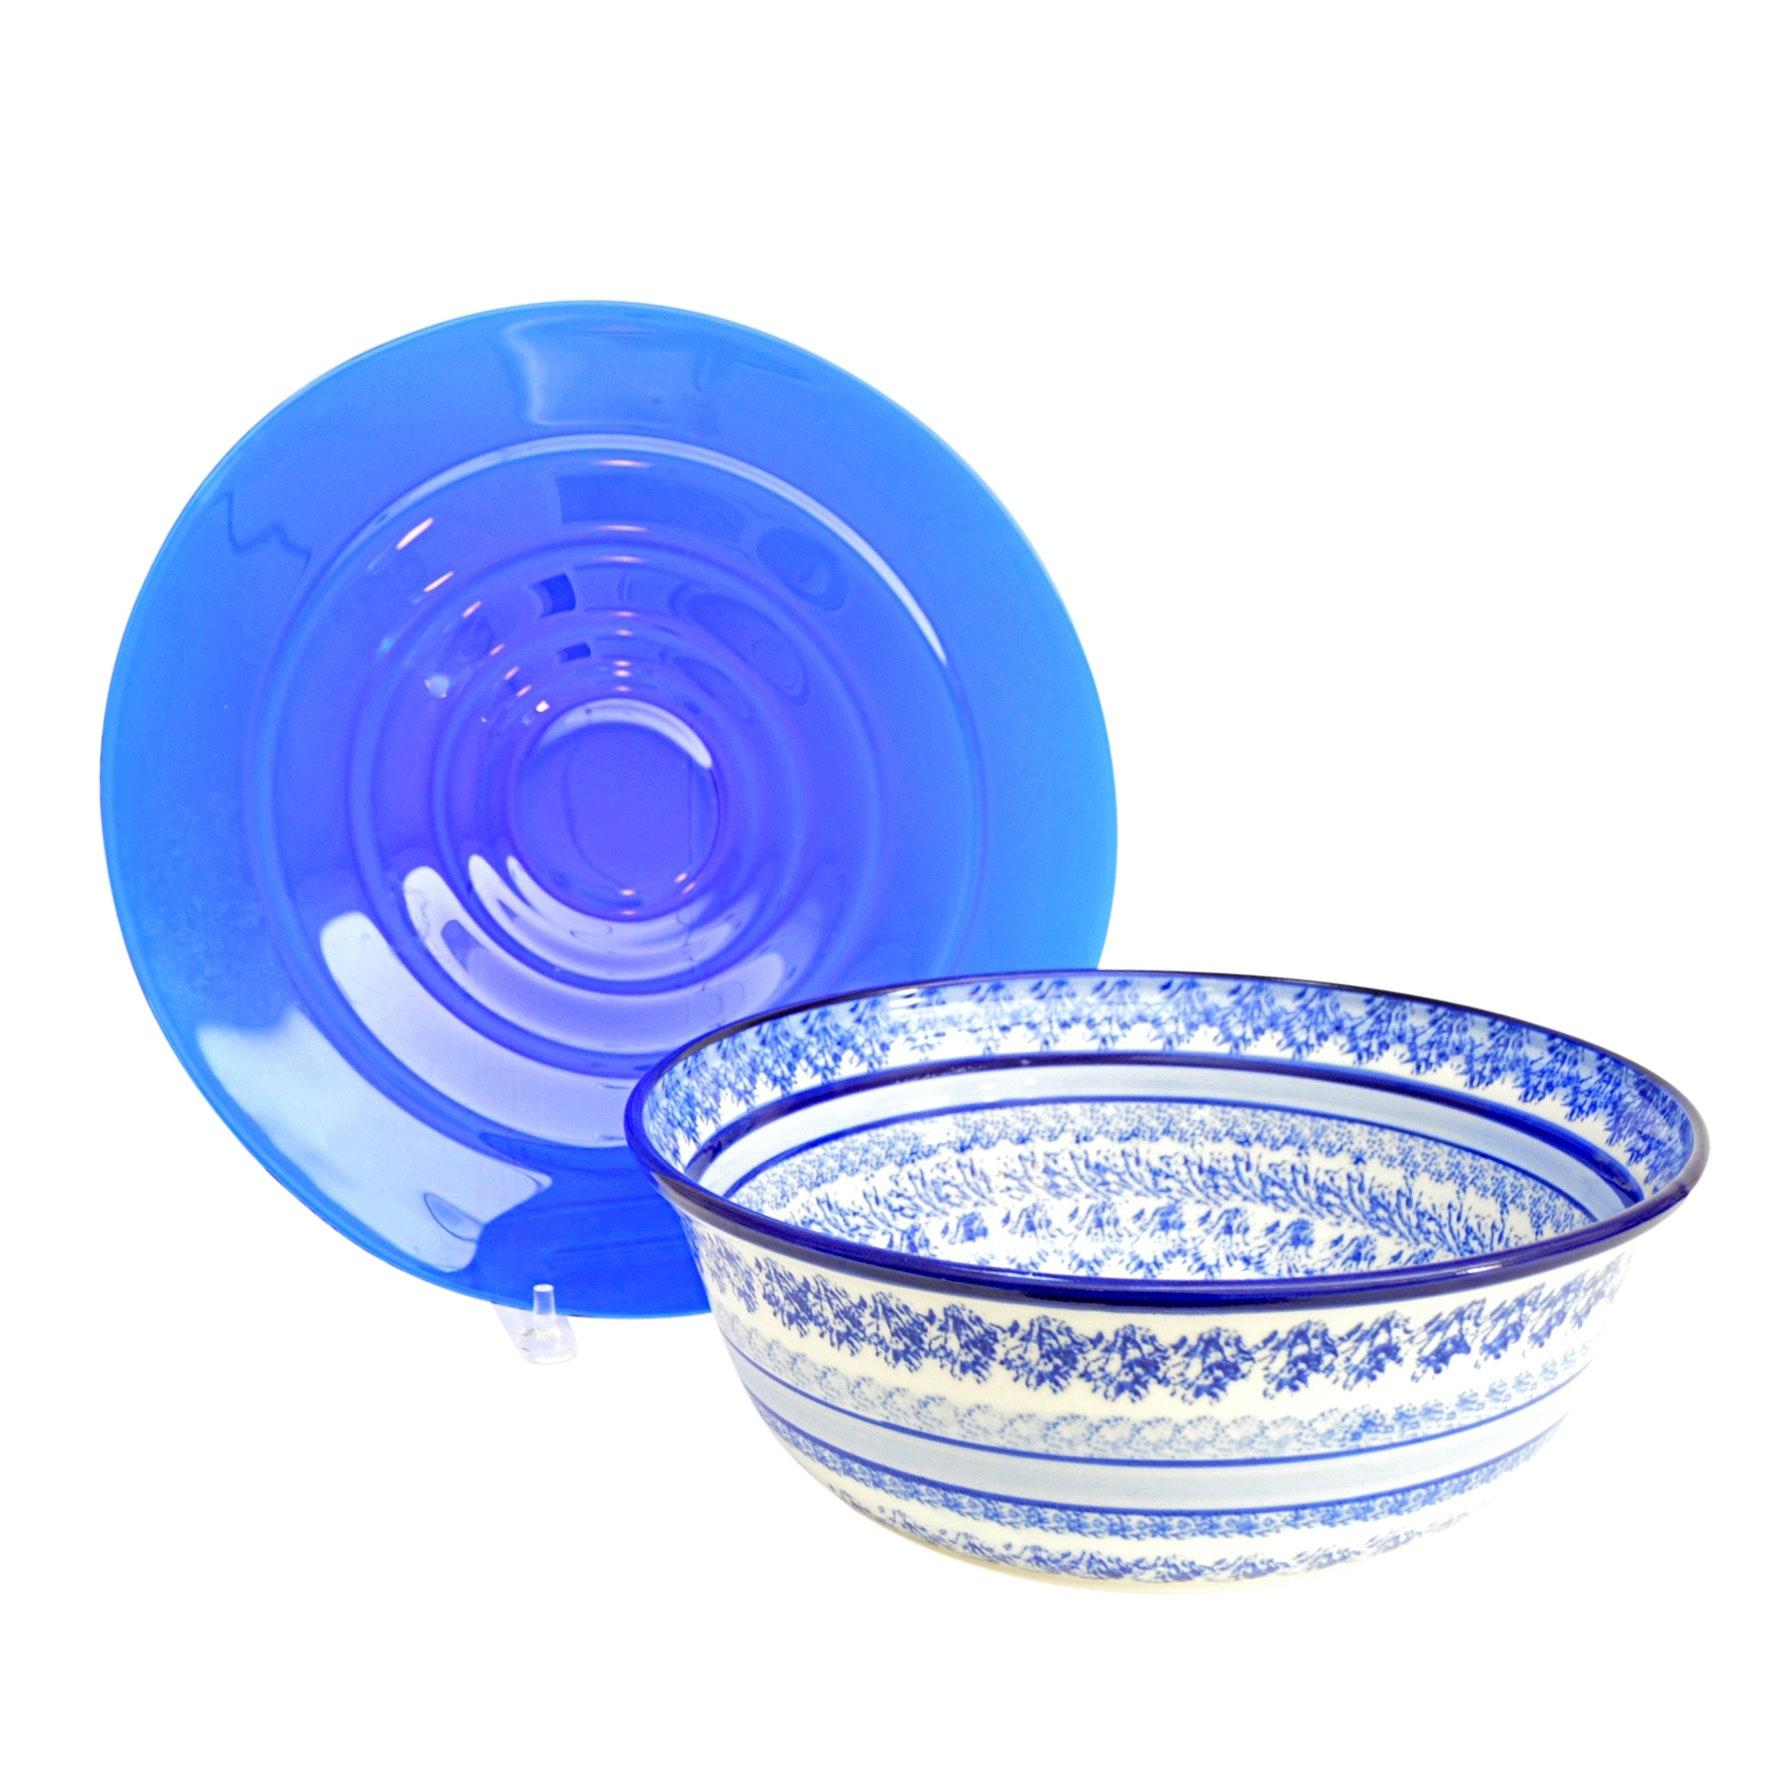 Blue Glass Platter and Terri Meyer Ceramic Bowl